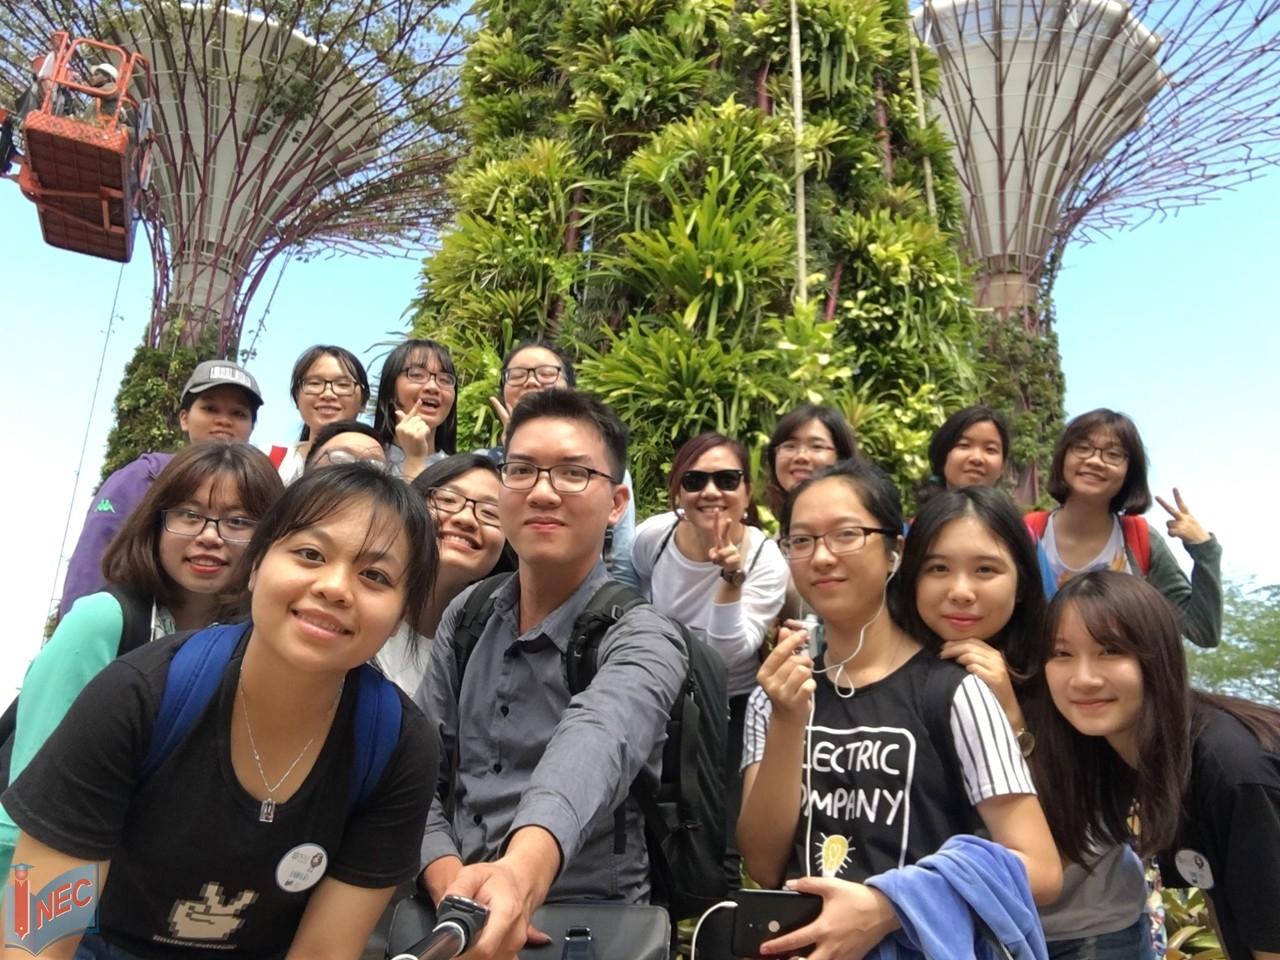 Study Tour vào dịp hè cho sinh viên muốn có trải nghiệm du học